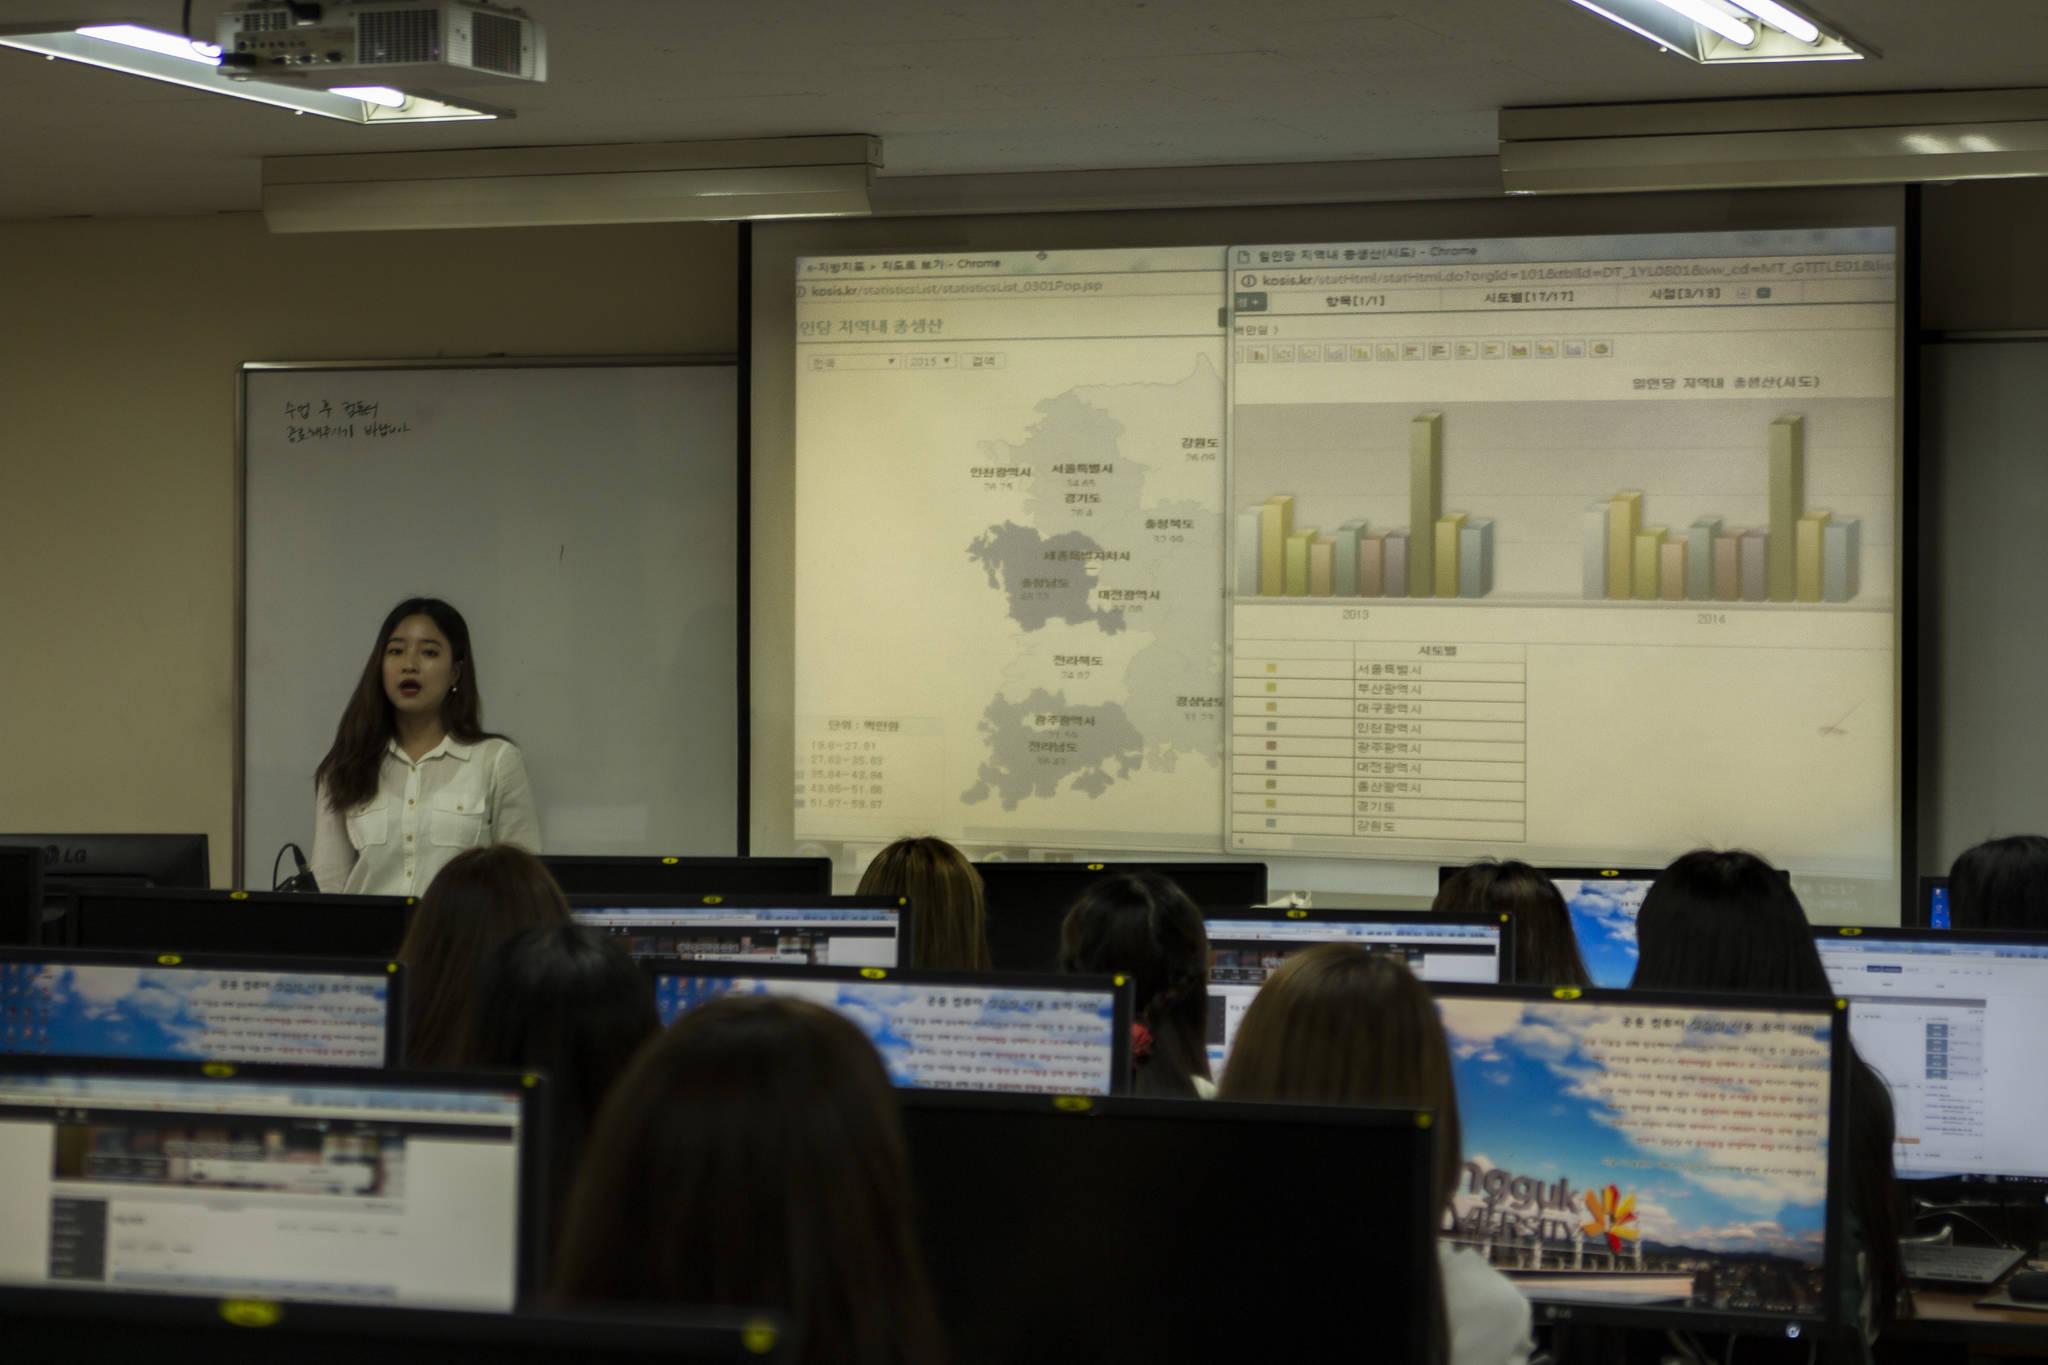 동국대(서울) 통계학과 학생들이 수업 시간에 과제를 발표하고 있다. [사진 동국대]